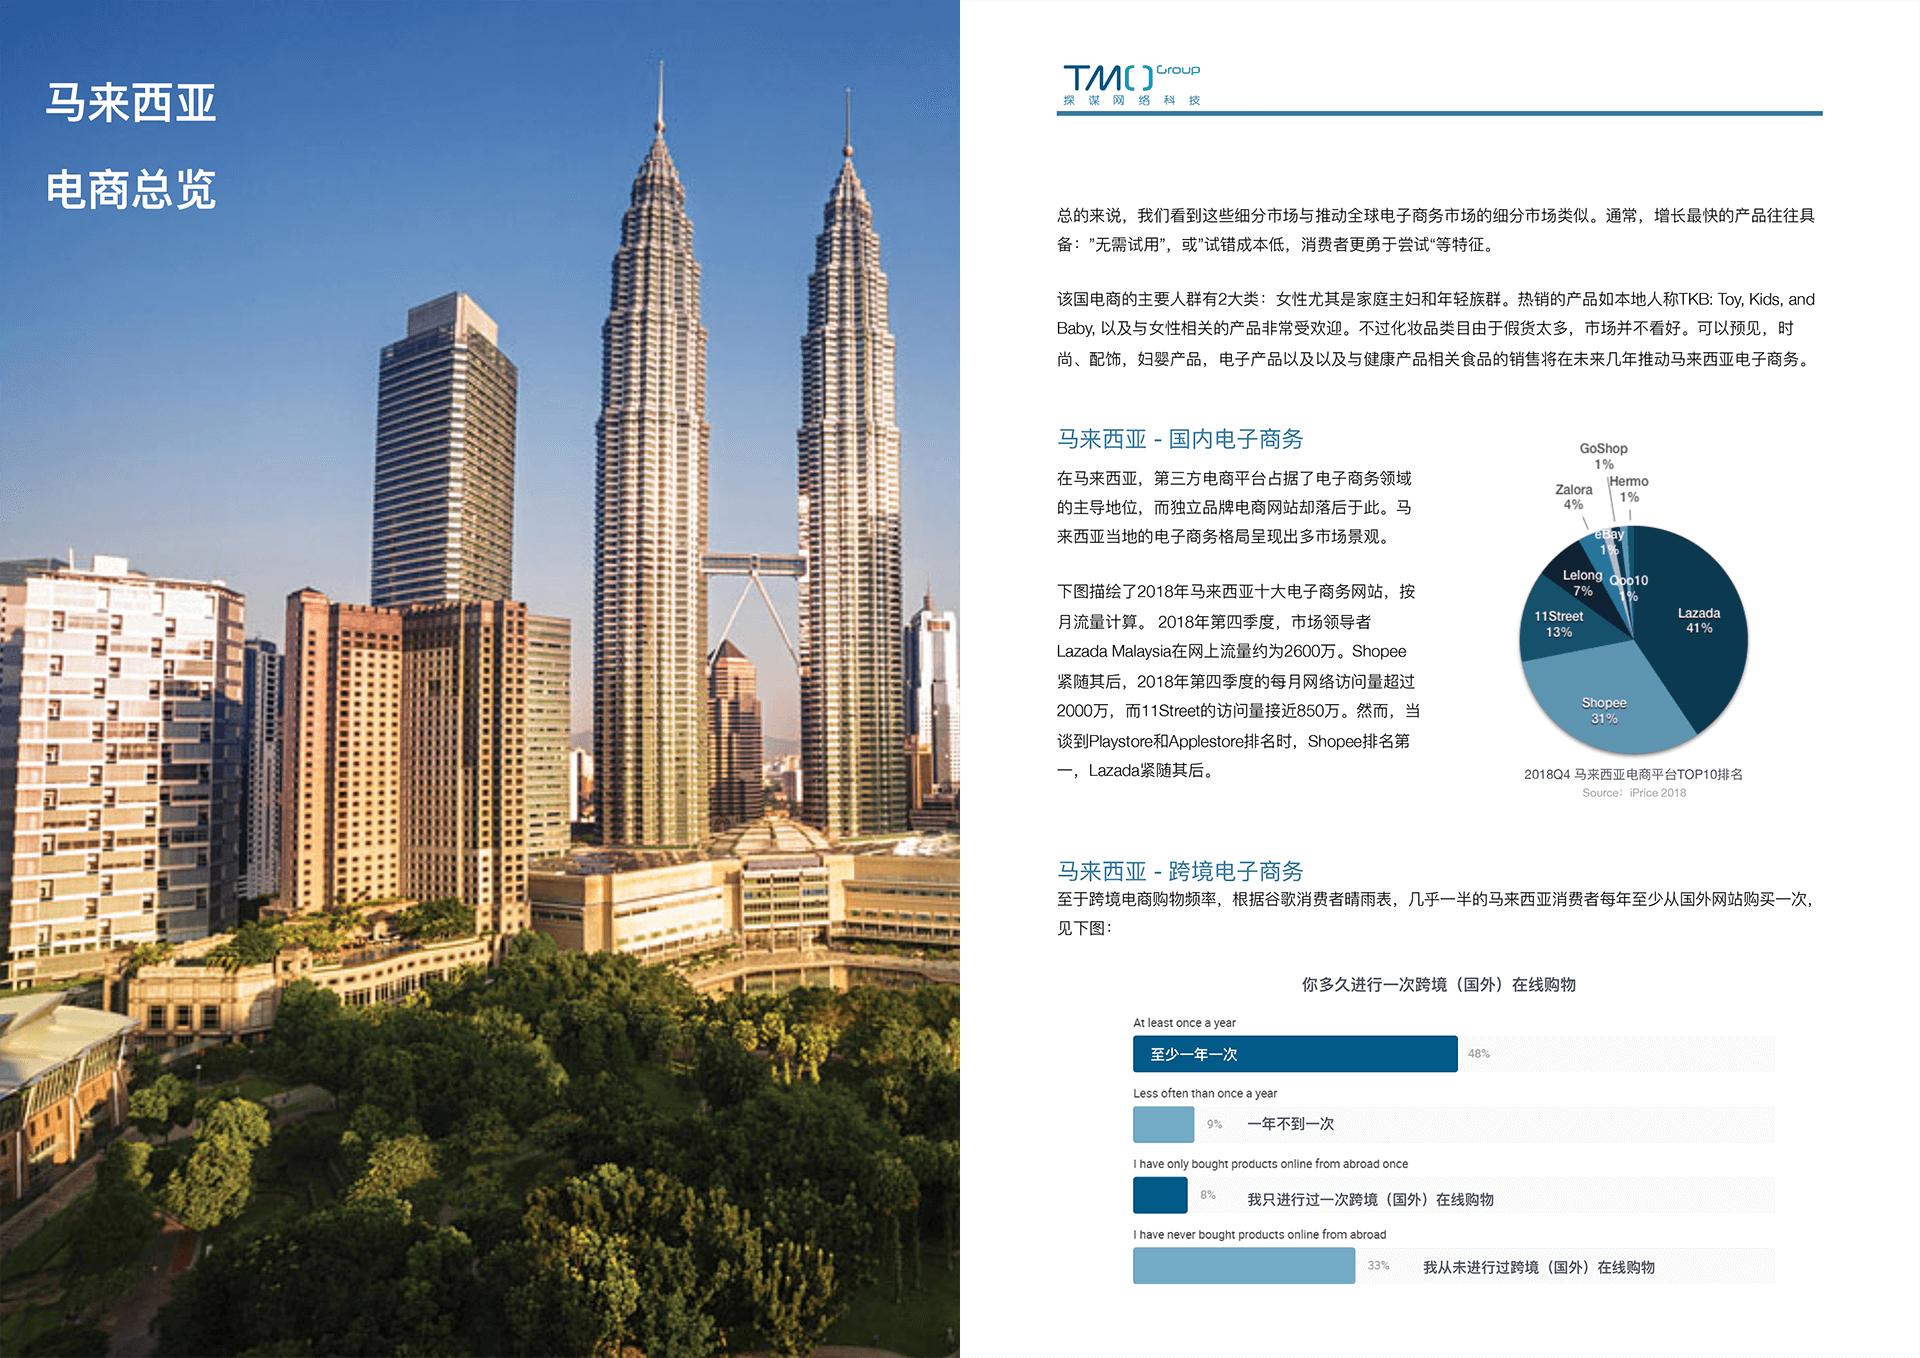 马来西亚电商指南1